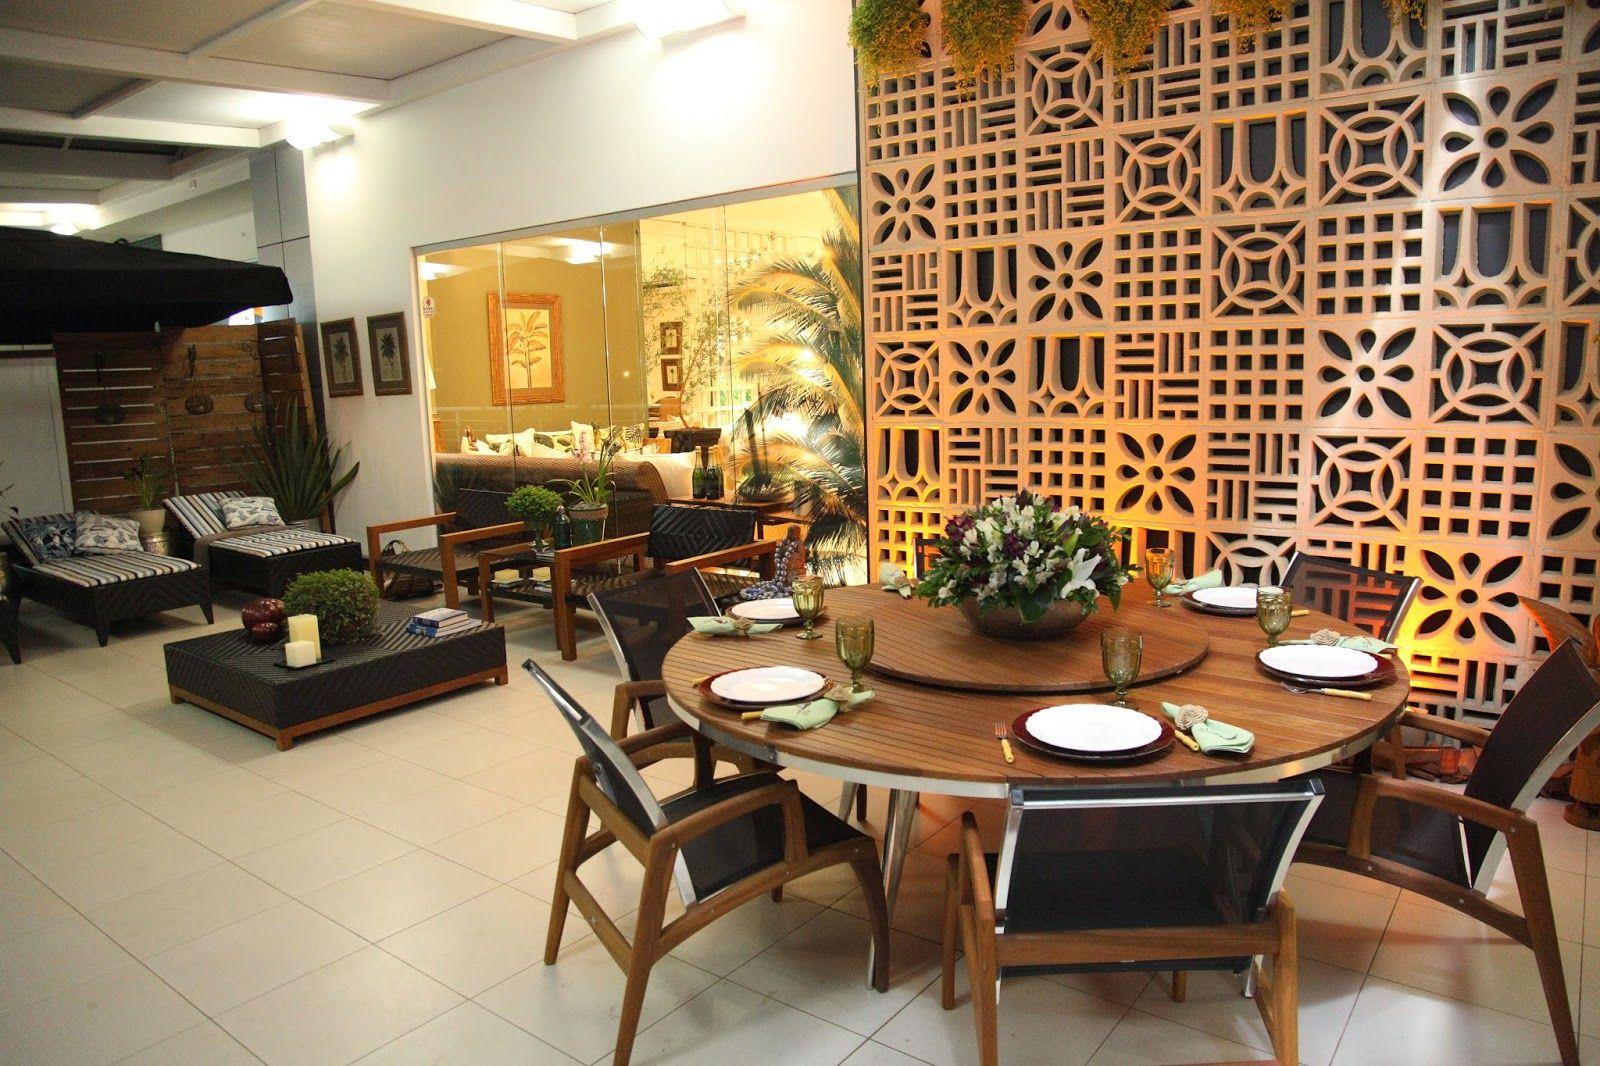 Mesas redondas – veja 30 salas de jantar e cozinhas com essa tendência + dicas! - Decor Salteado - Blog de Decoração e Arquitetura